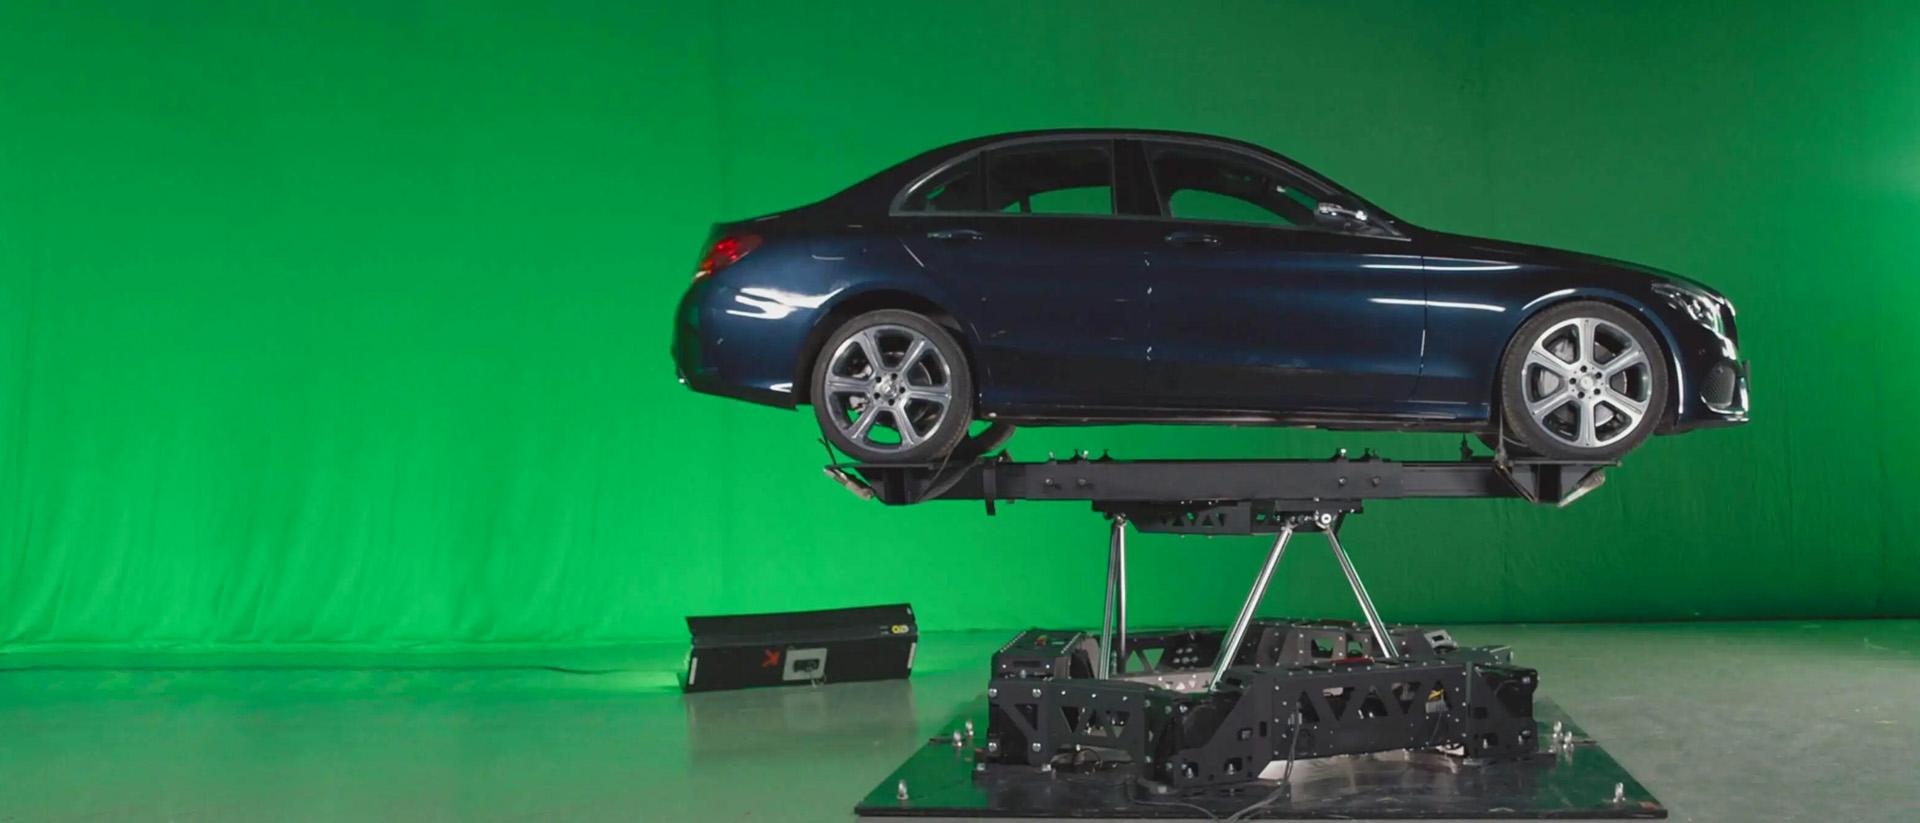 Stuntman - Motion Theater